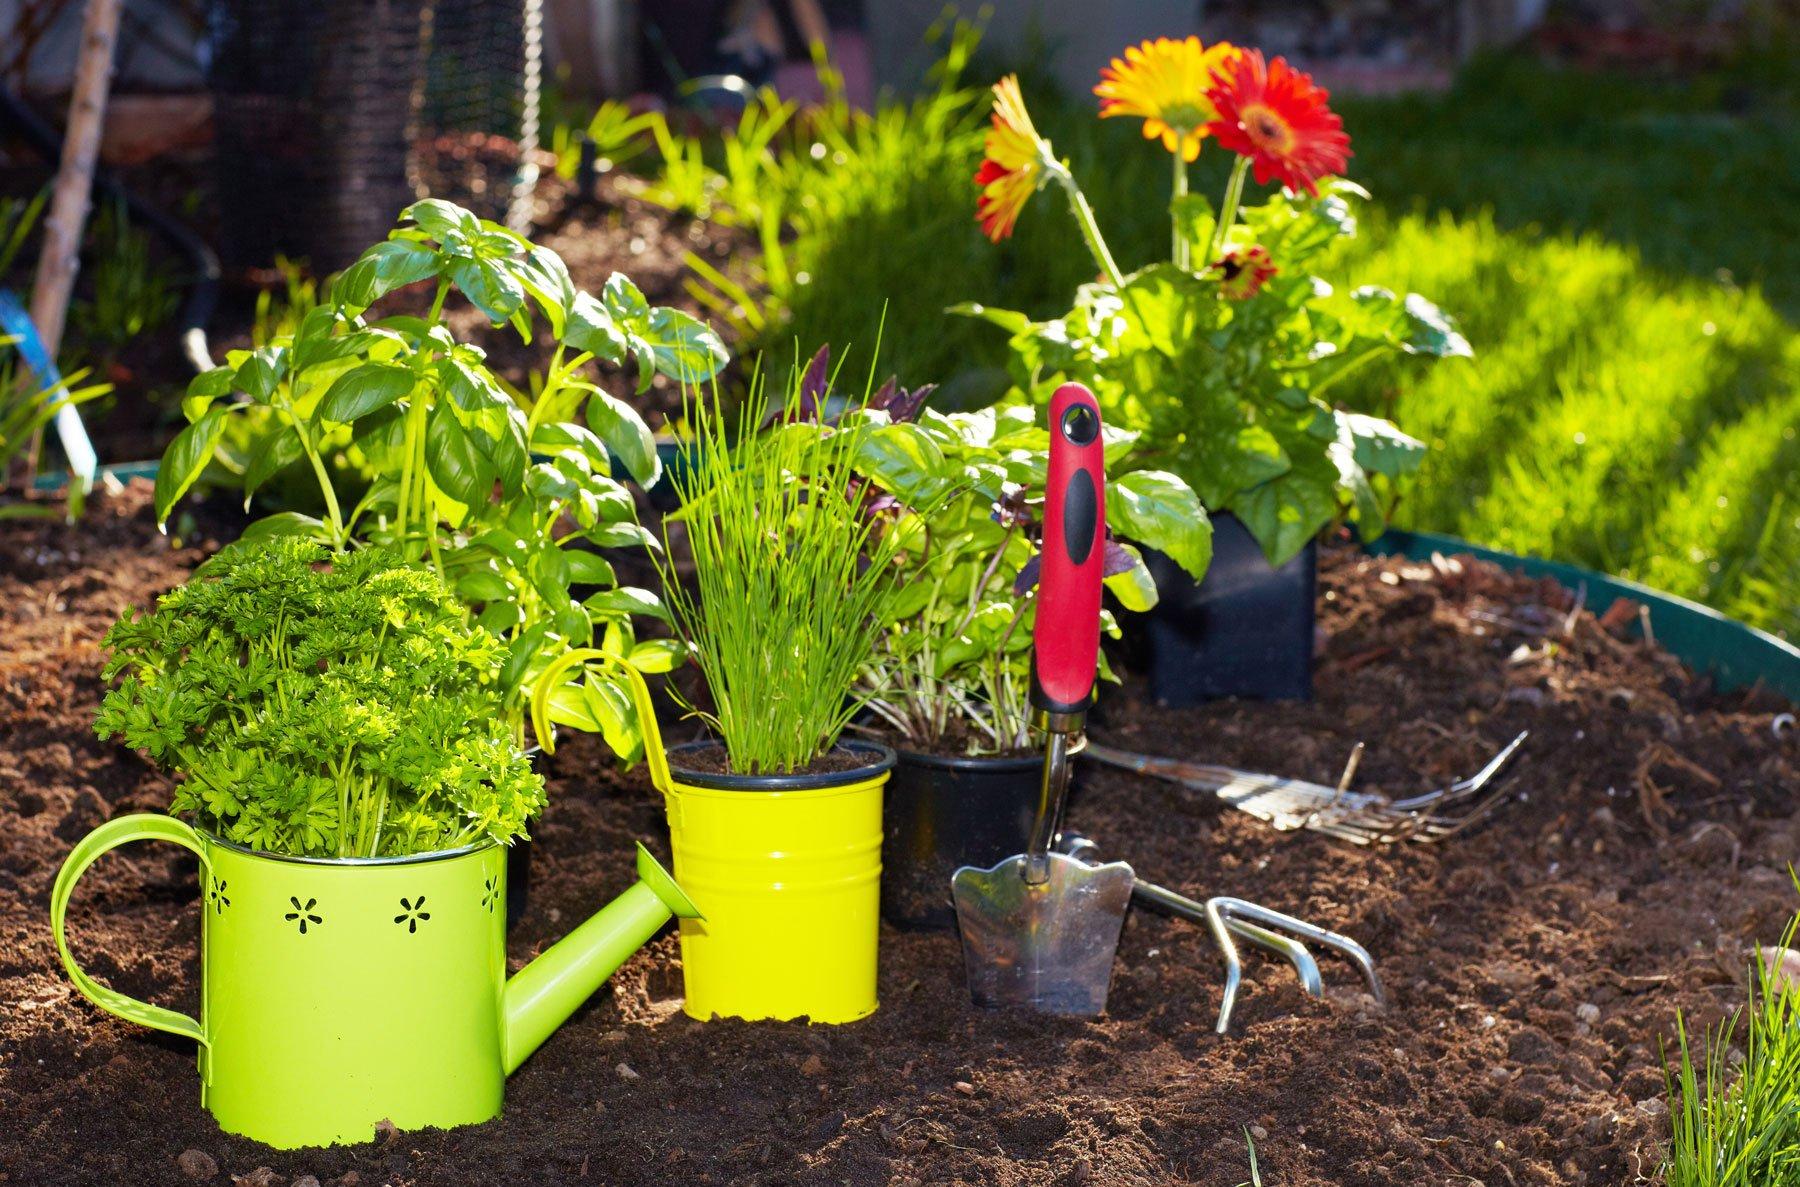 Un giardinetto con delle piante e degli strumenti da fai da te